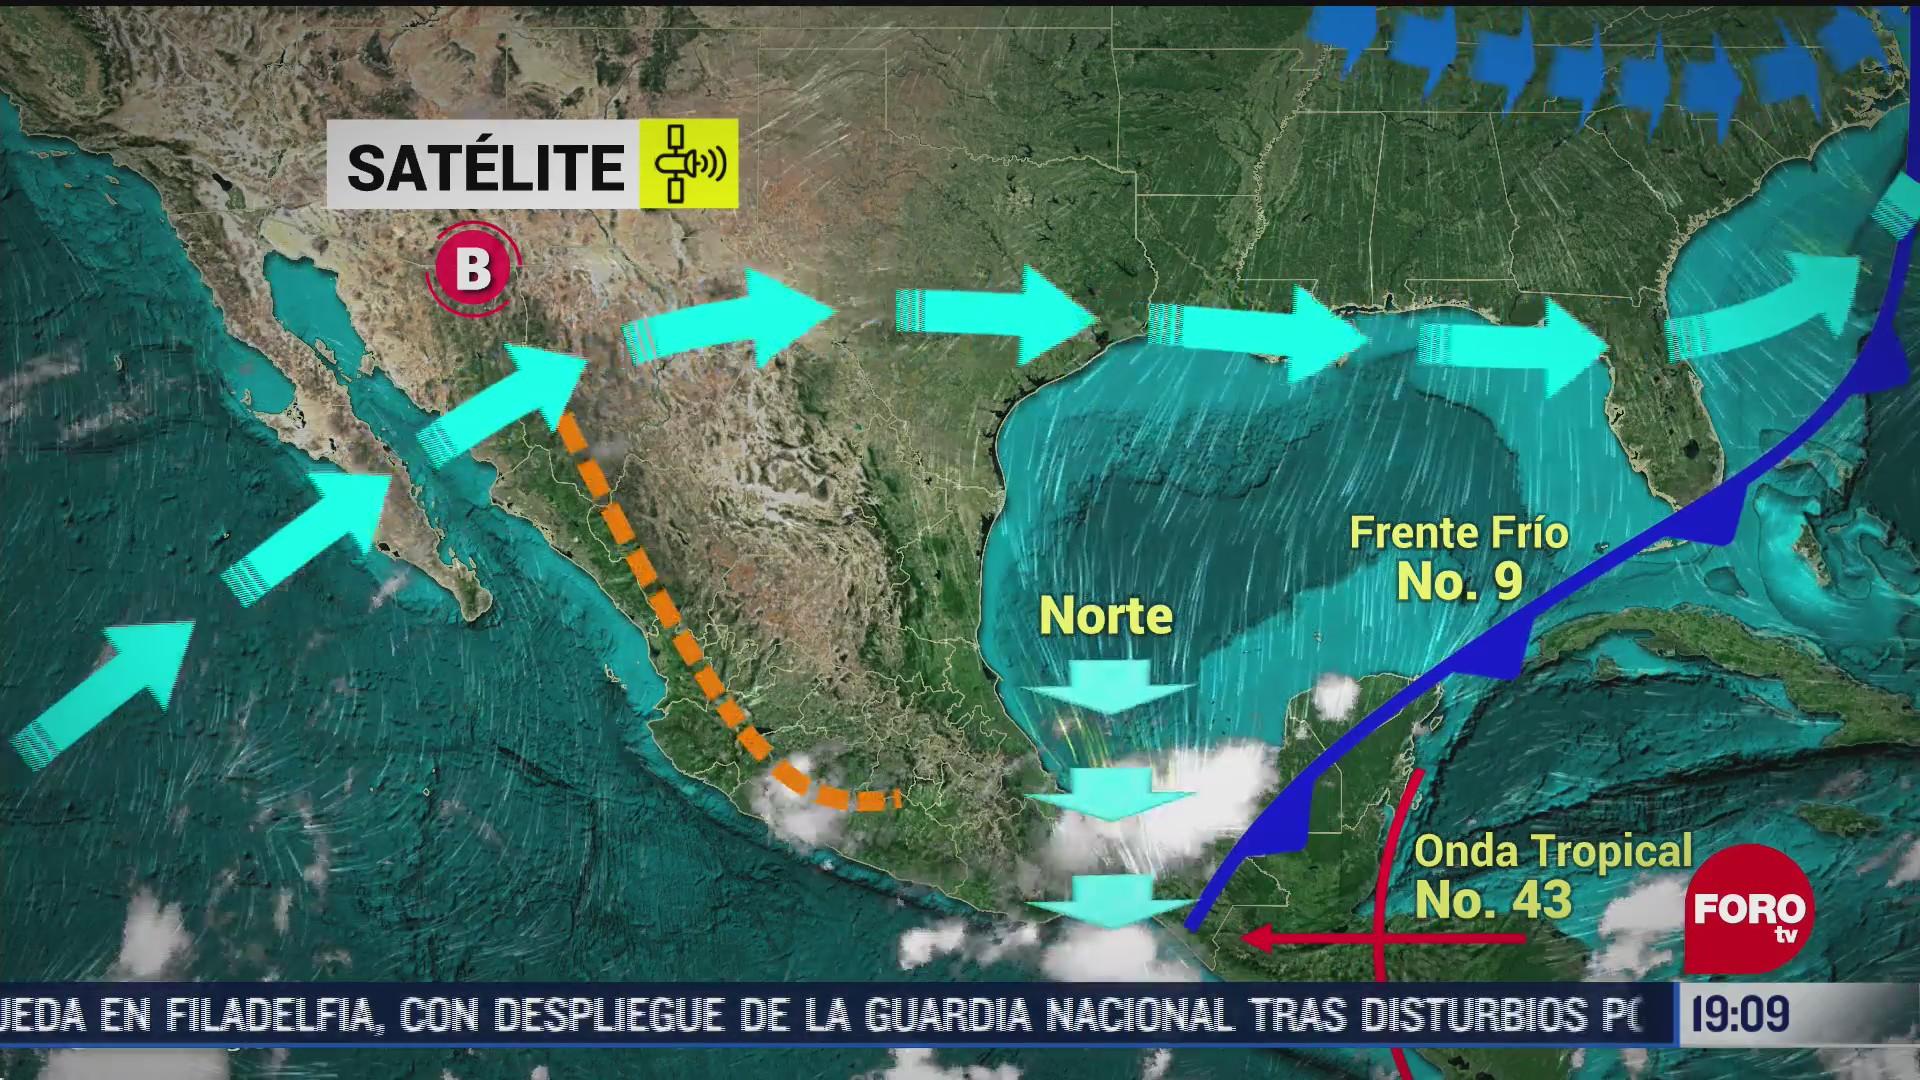 depresion tropical 29 se forma en el mar caribe